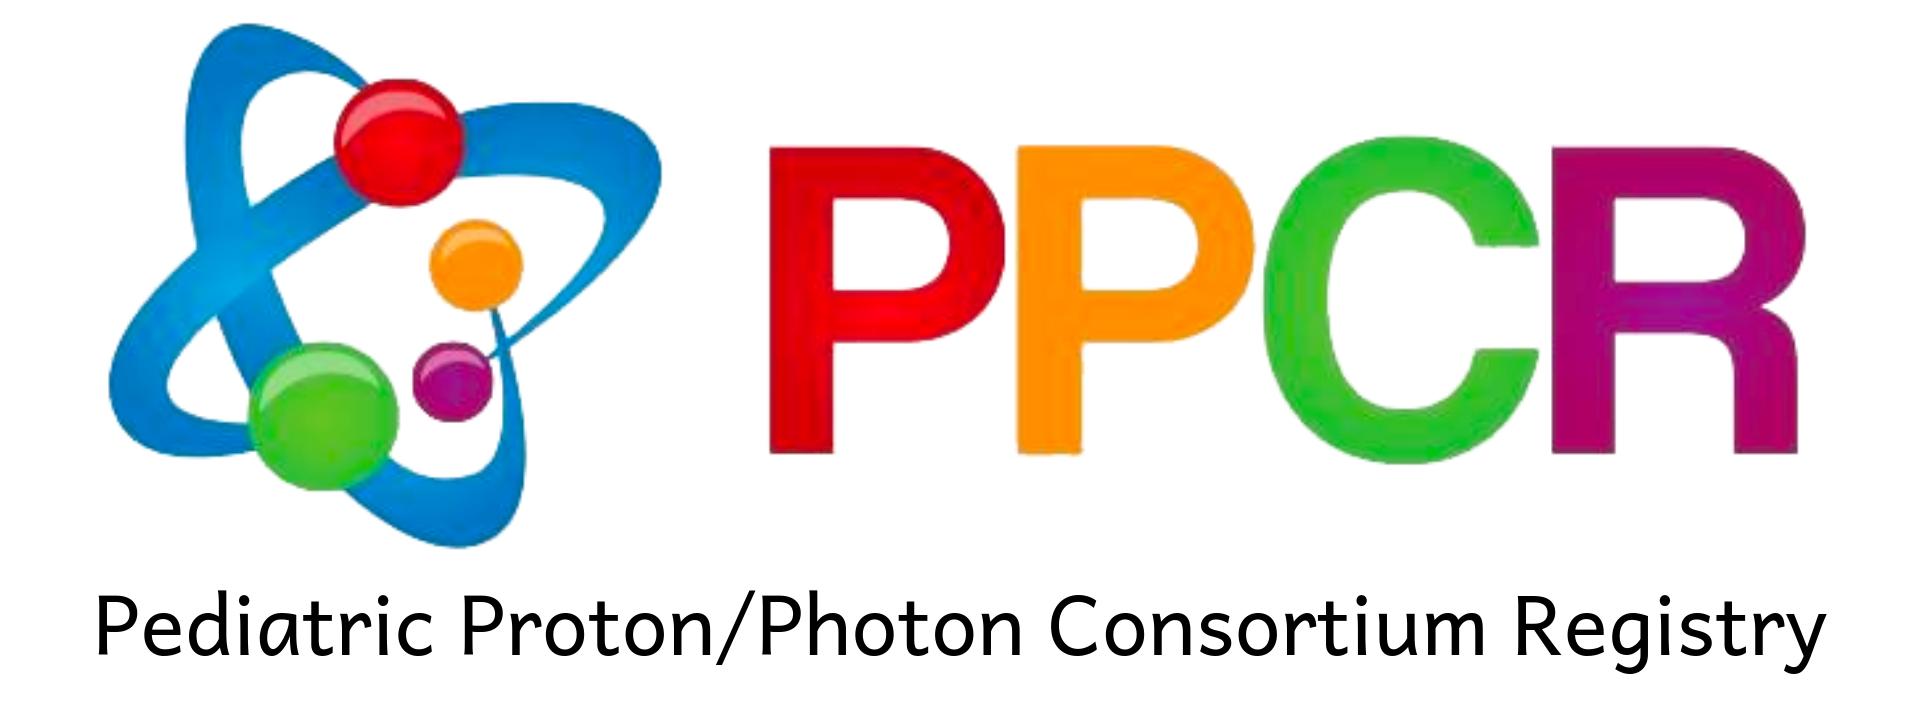 PPCR Pediatric Proton Consortium Registry